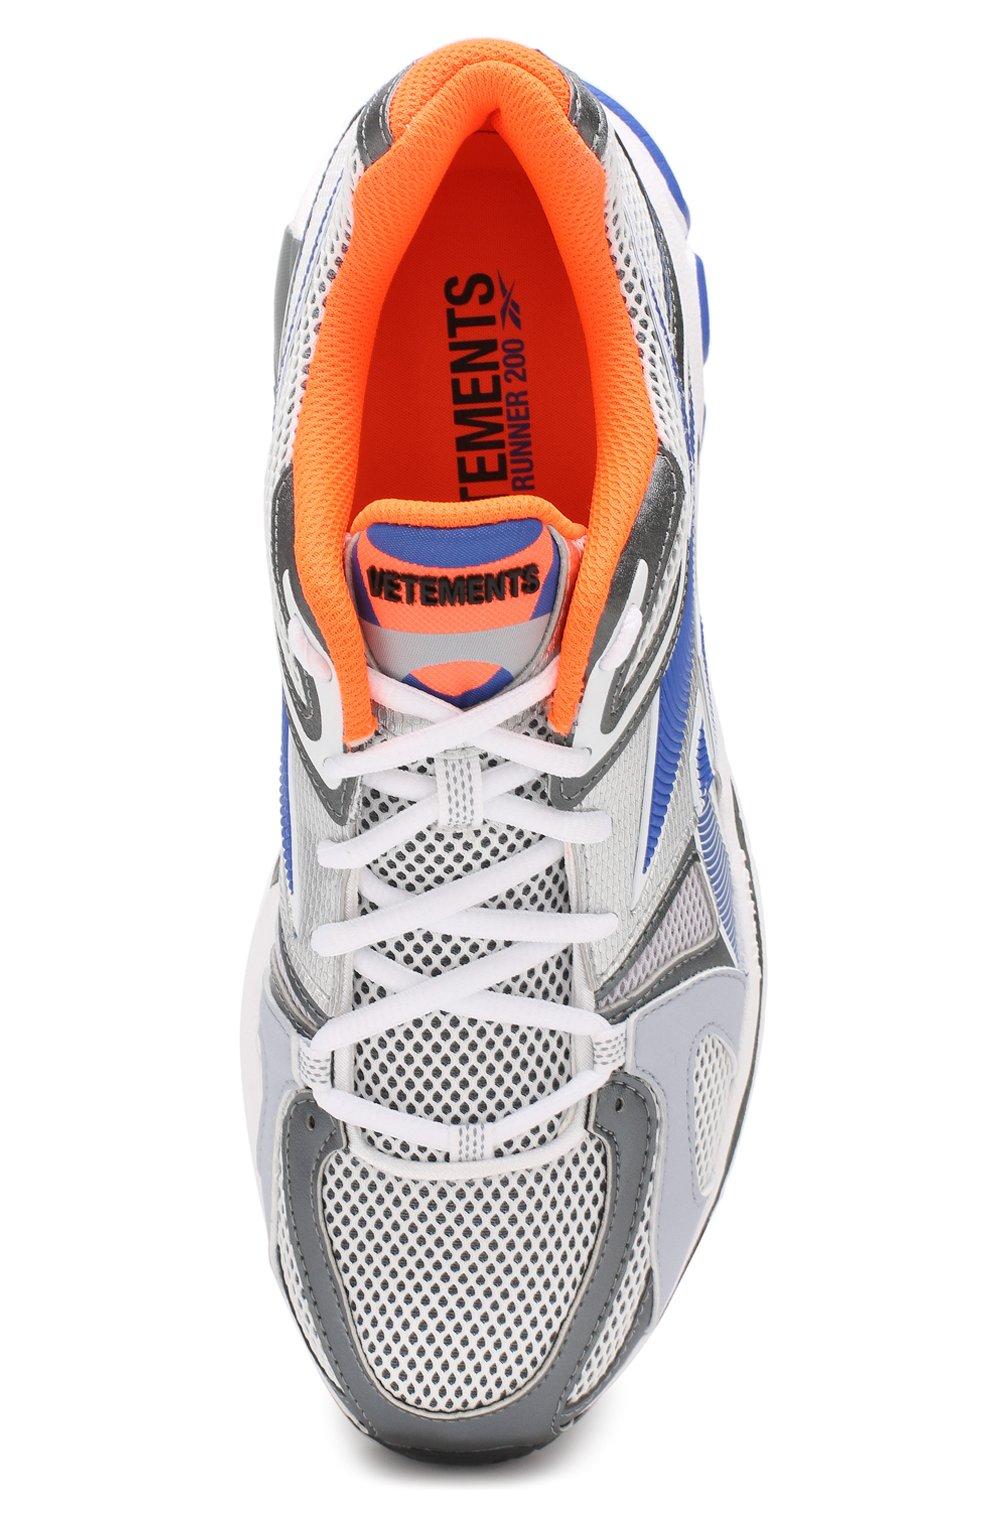 Текстильные кроссовки Vetements x Reebok Spike Runner 200 | Фото №5